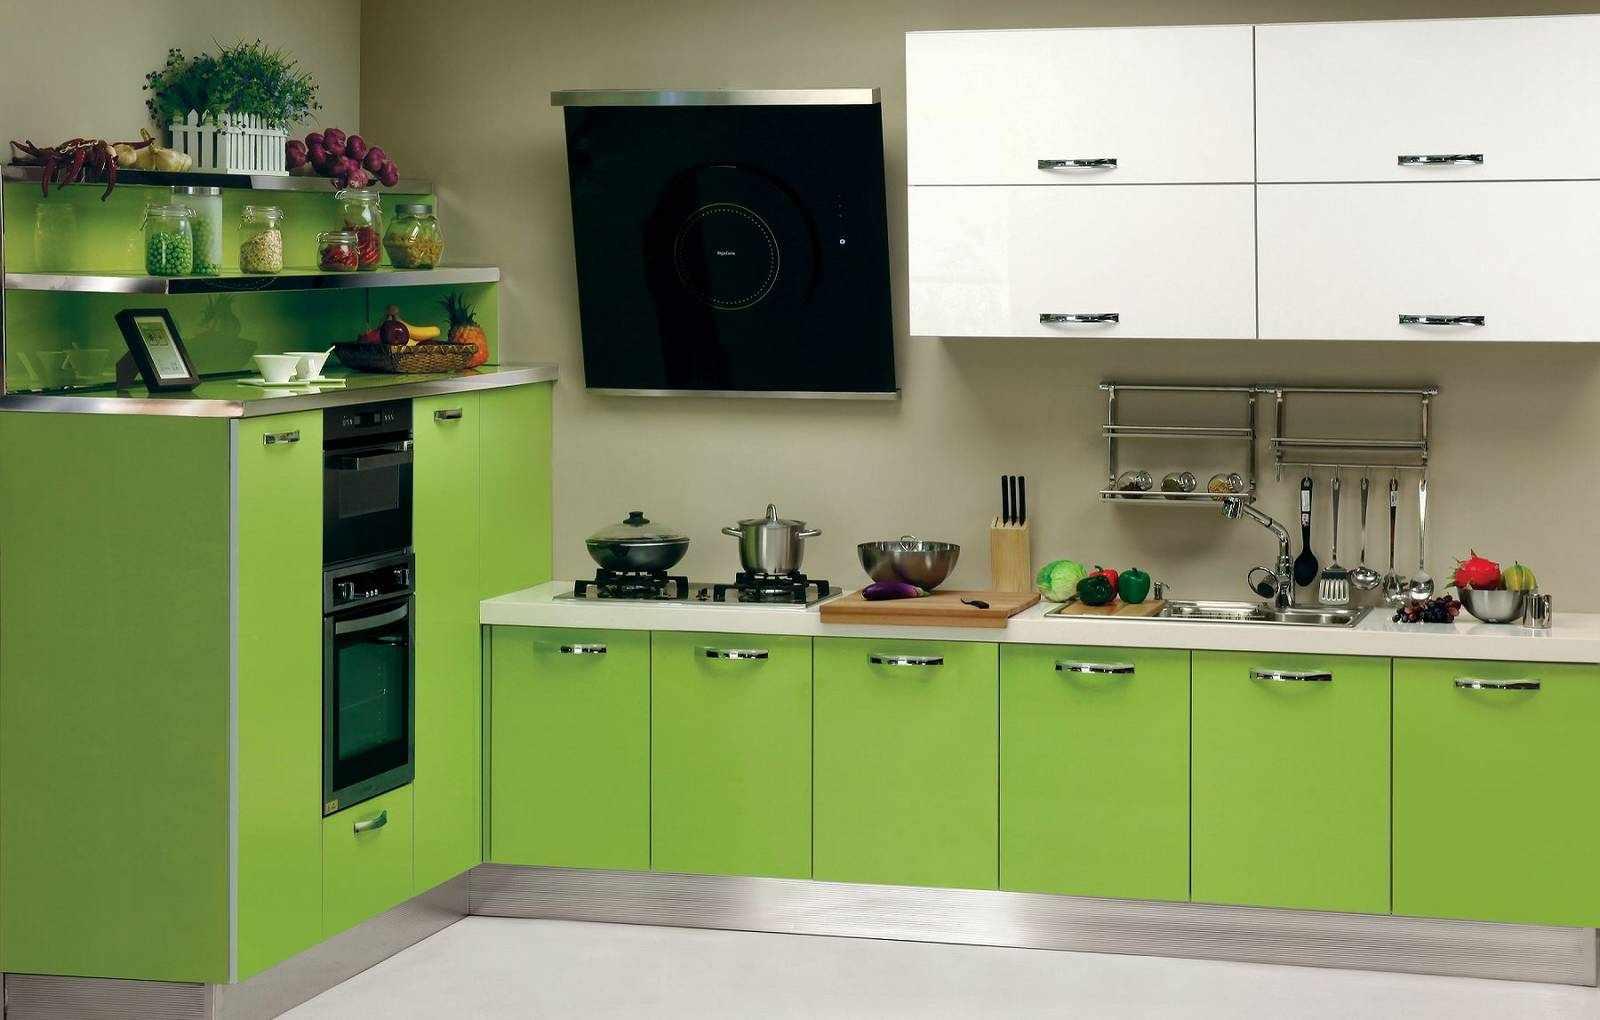 Спокойная атмосфера - одно из преимуществ кухни в зеленом цвете